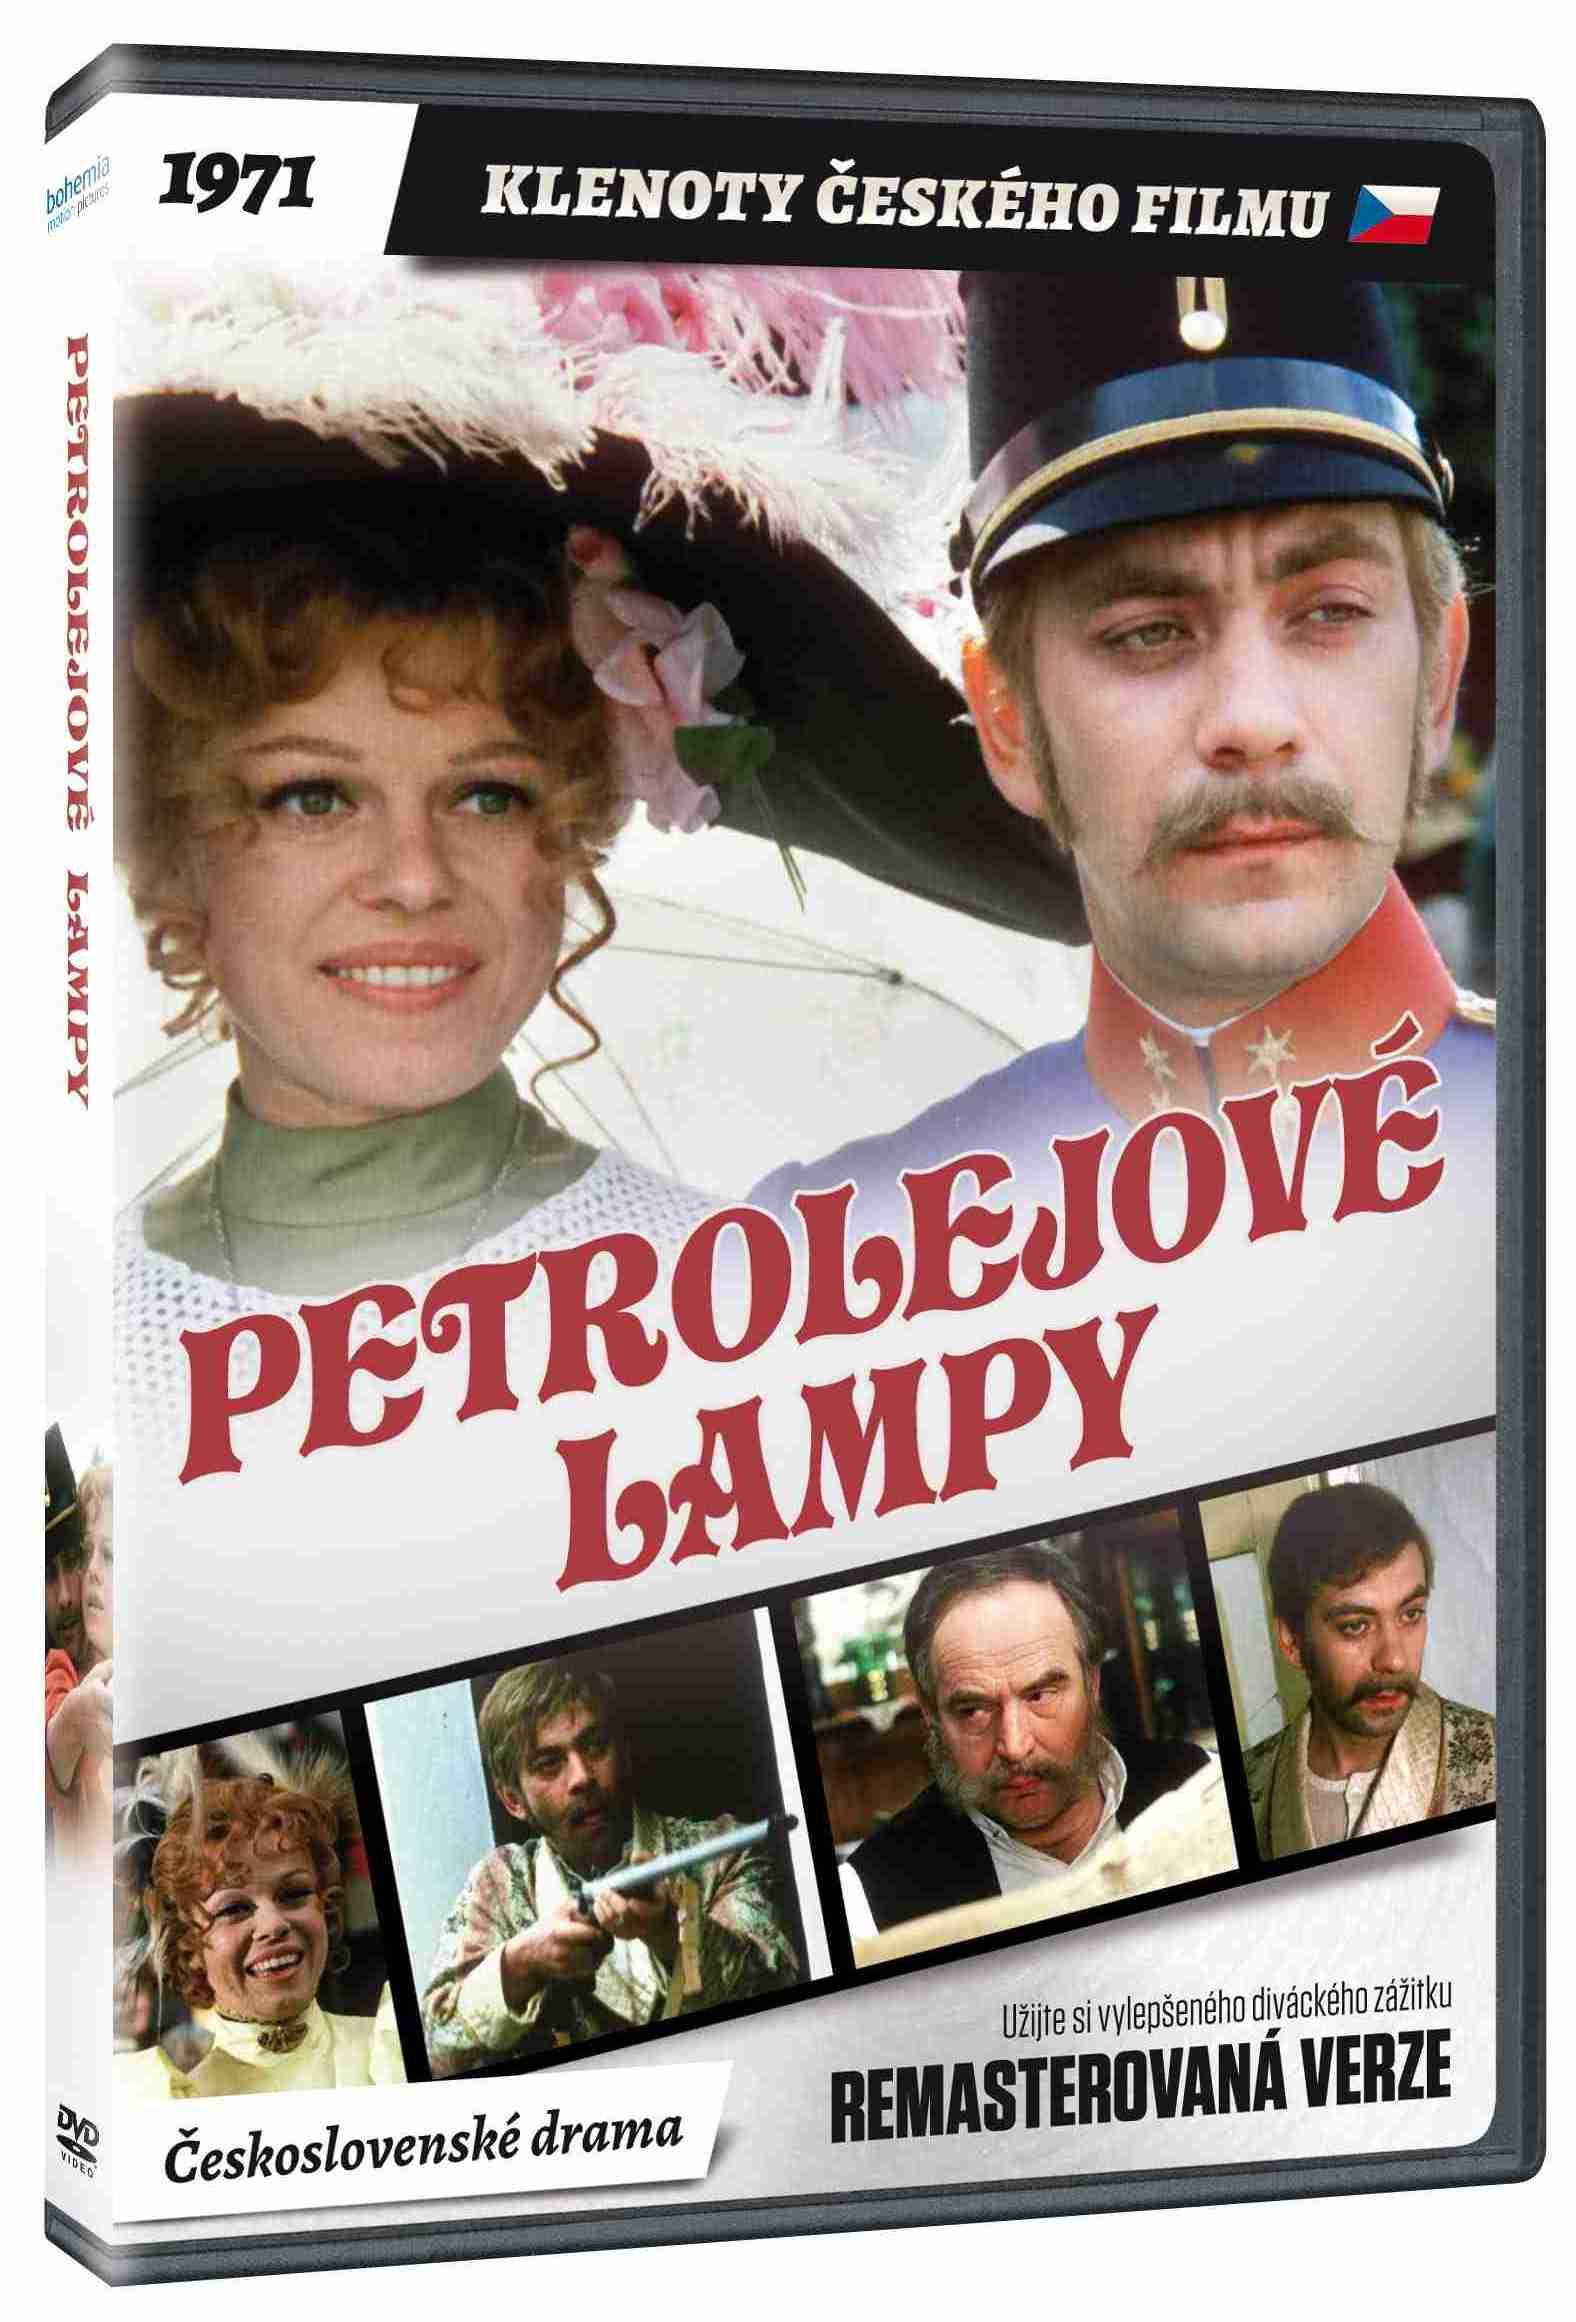 Petrolejové lampy - DVD (remasterovaná verze)